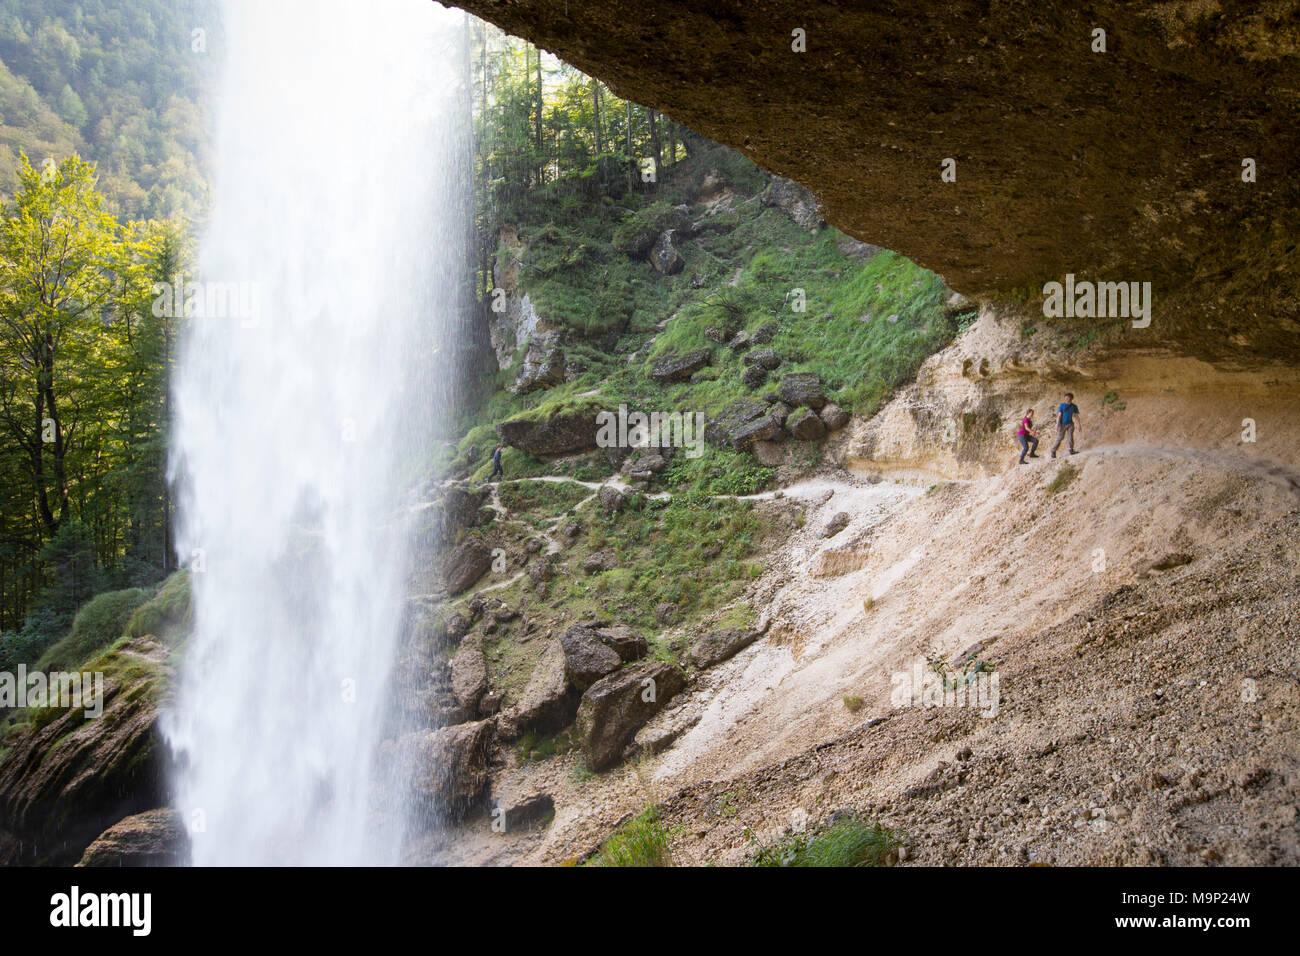 Deux personnes marchant sur sentier derrière Pericnik cascade dans la vallée alpine Vrata près de Mojstrana dans Parc national du Triglav, en Slovénie Photo Stock